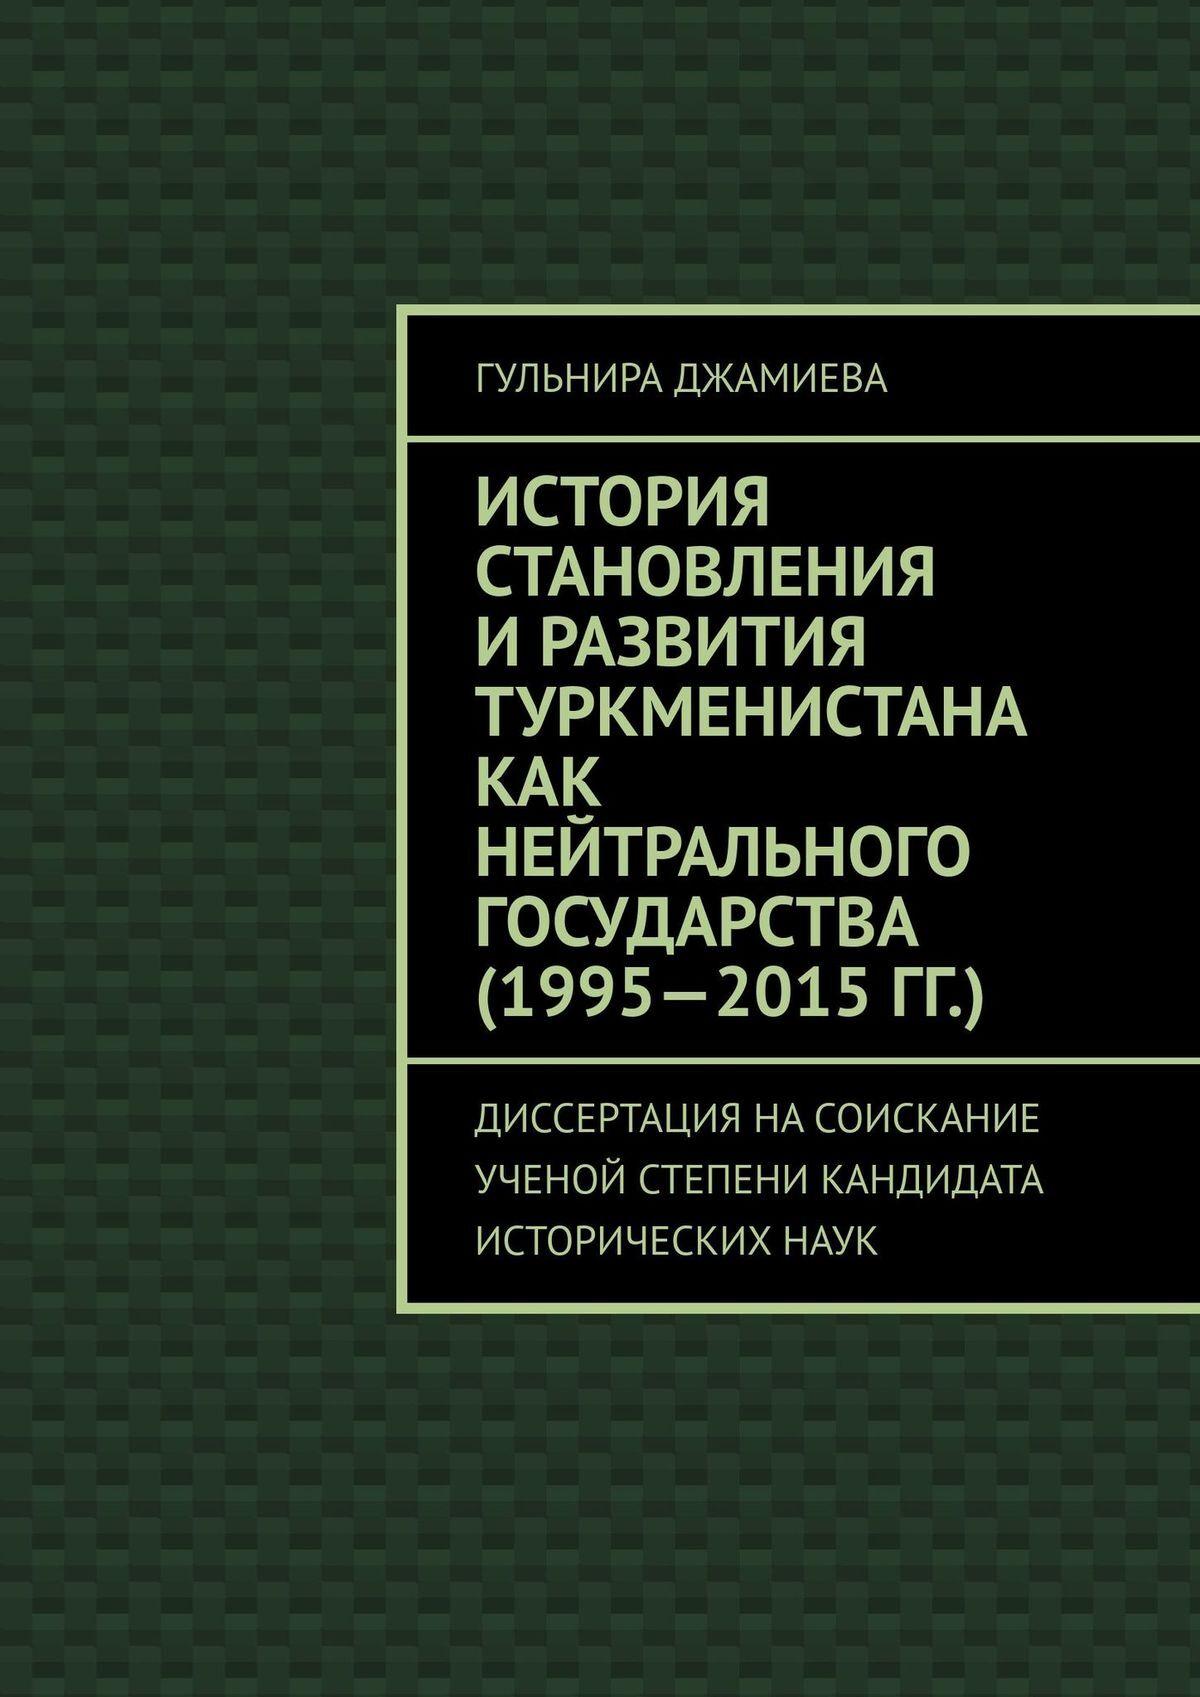 История становления иразвития Туркменистана как нейтрального государства (1995—2015гг.). Диссертация насоискание ученой степени кандидата историческихнаук